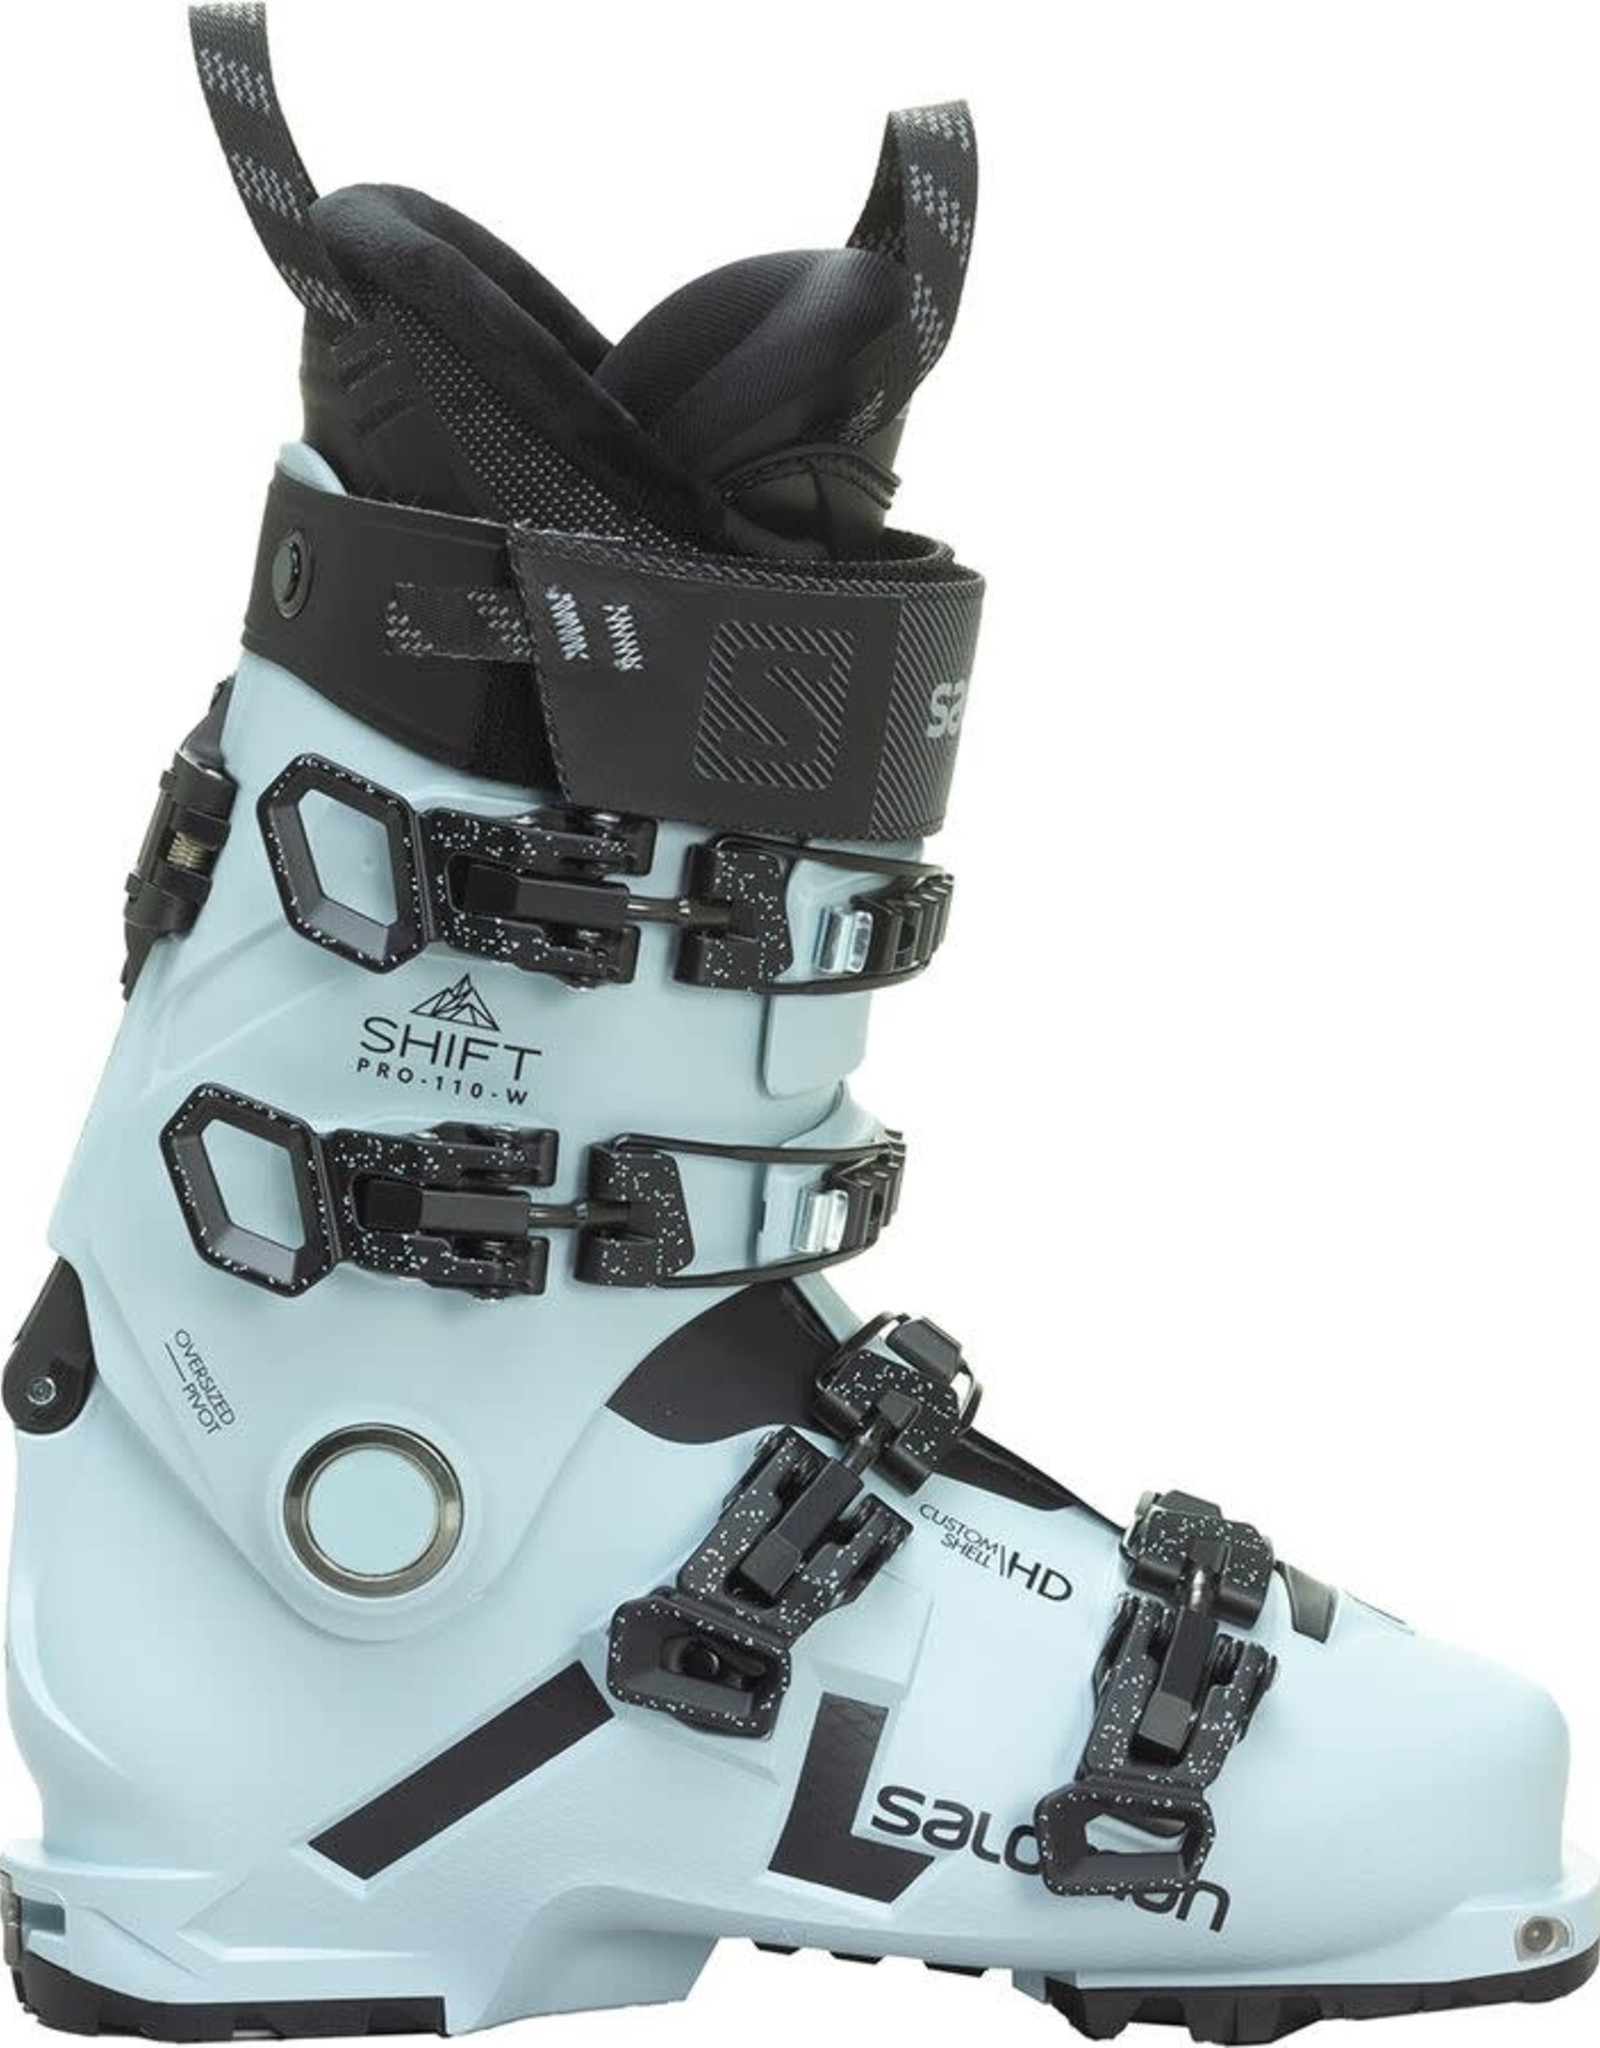 Salomon SALOMON Ski Boots SHIFT PRO 110 W AT (20/21)